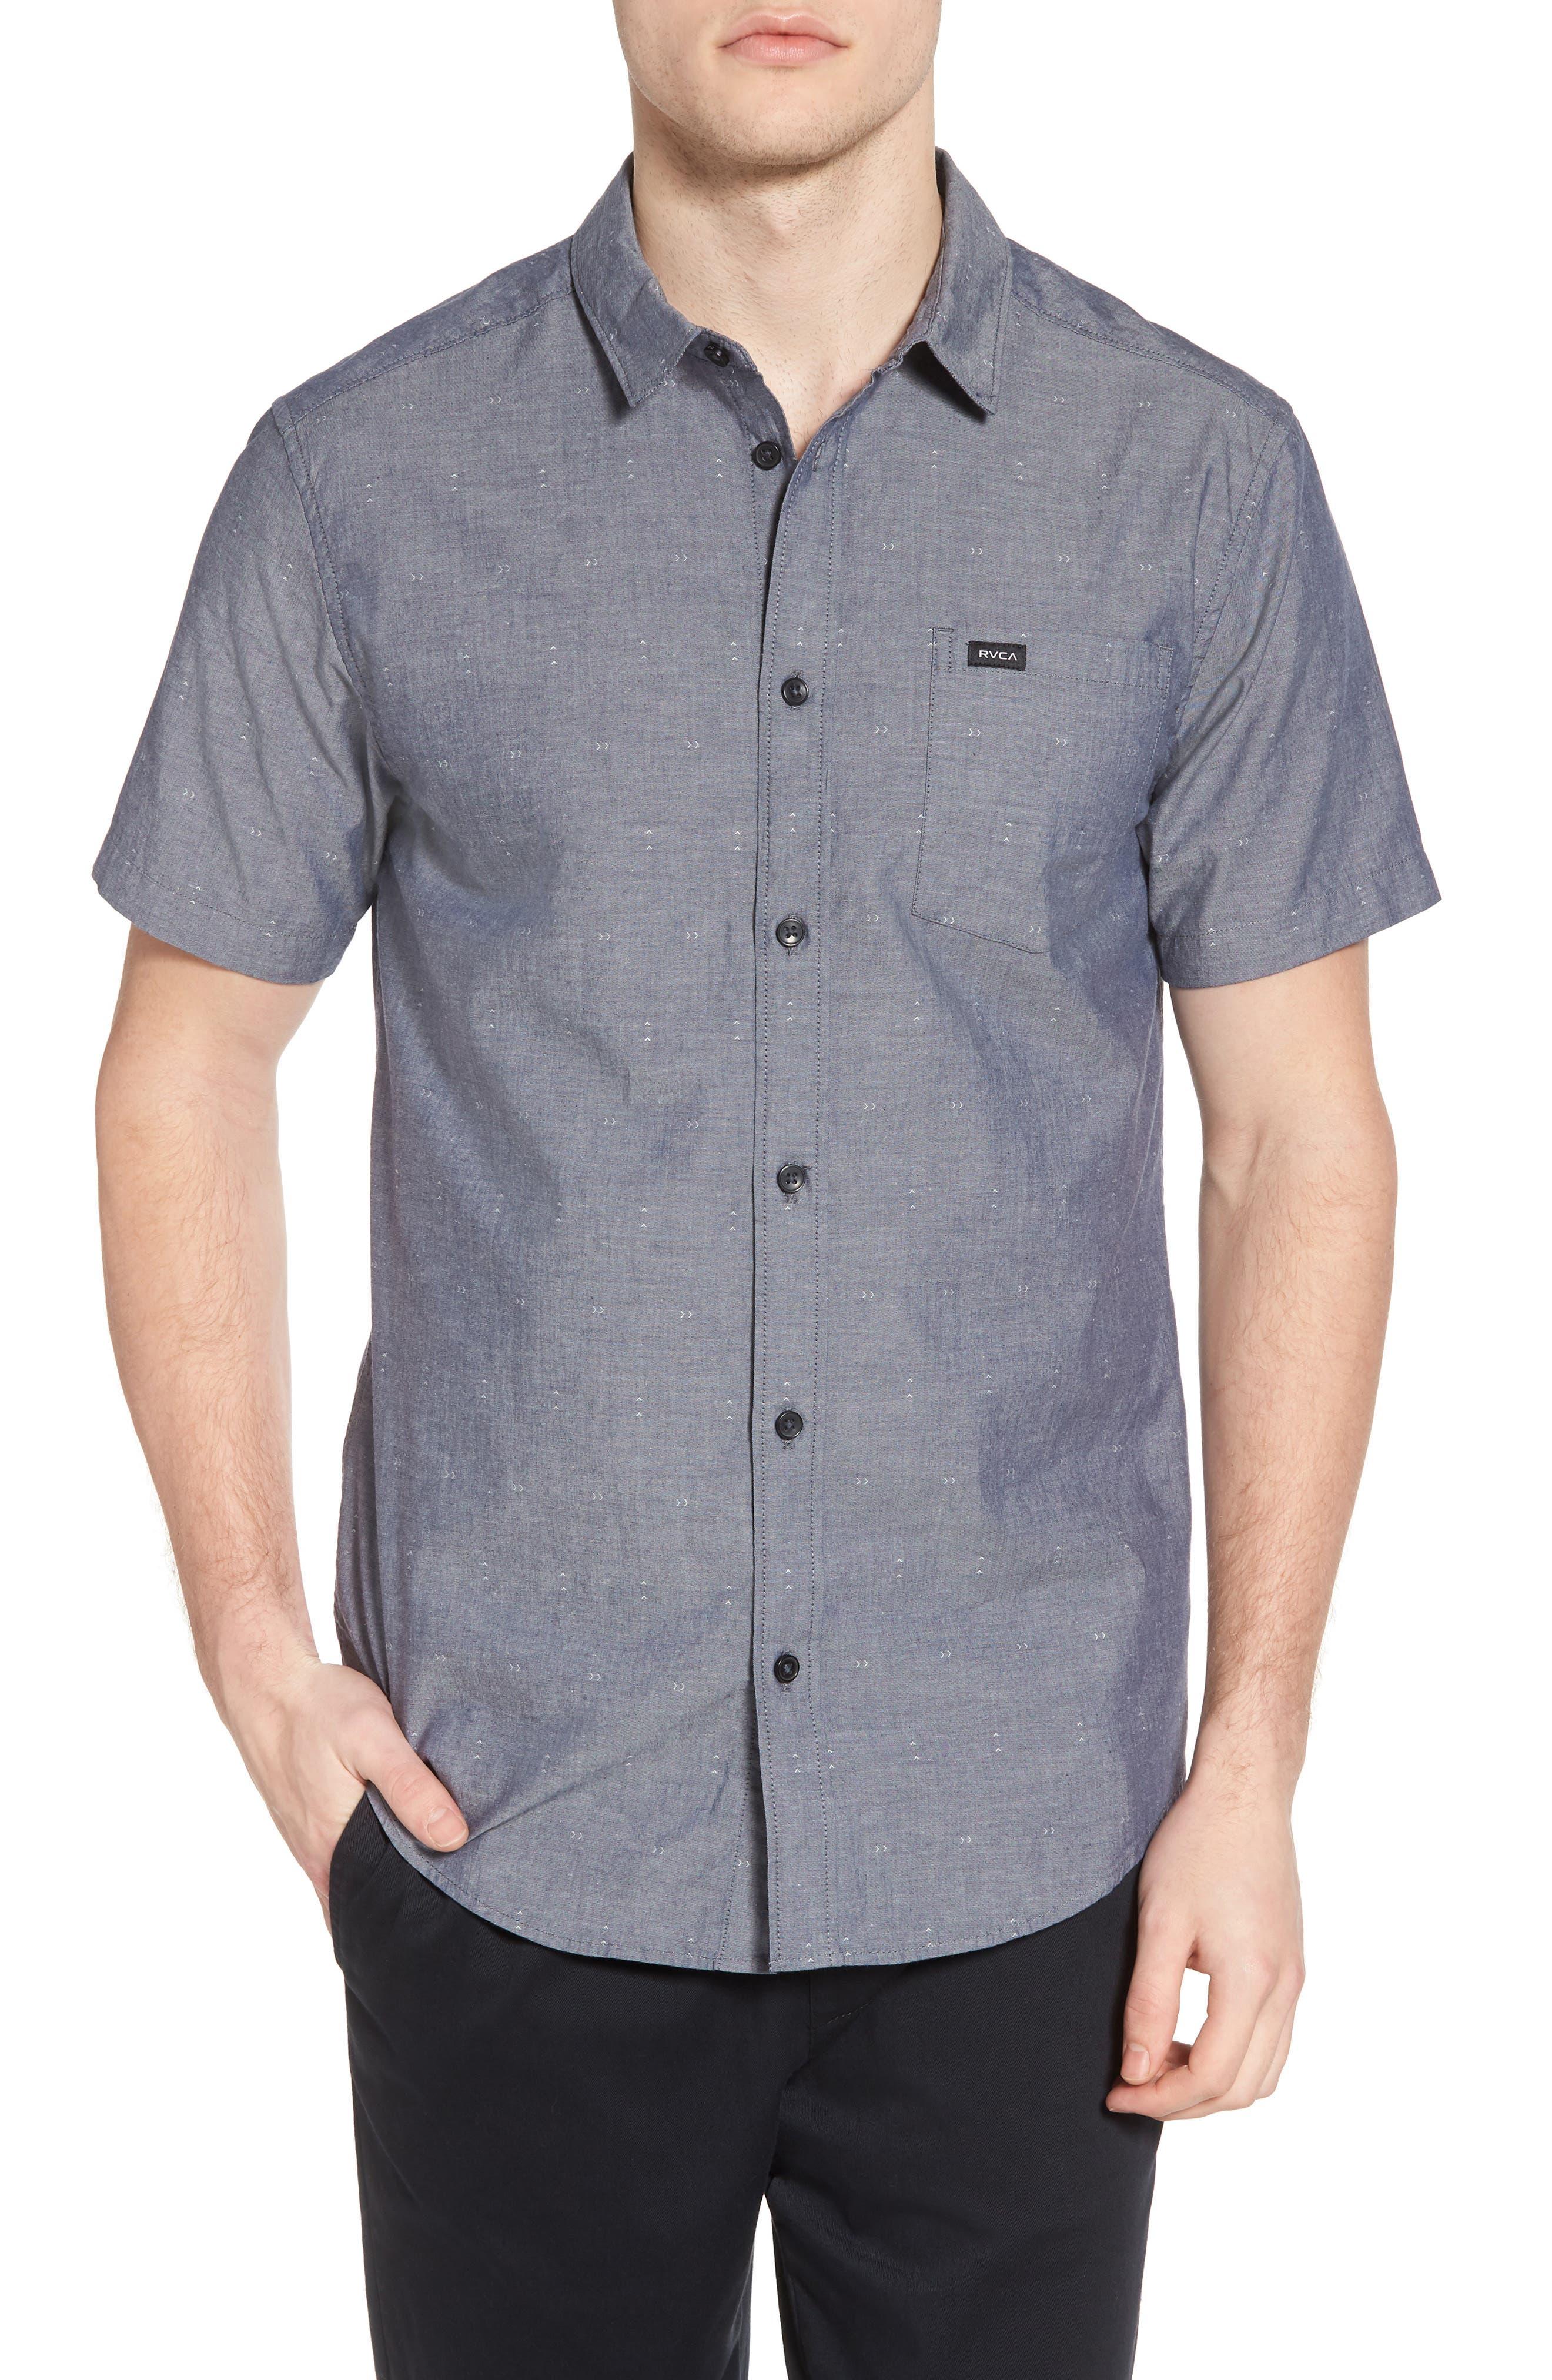 RVCA Arrows Woven Shirt